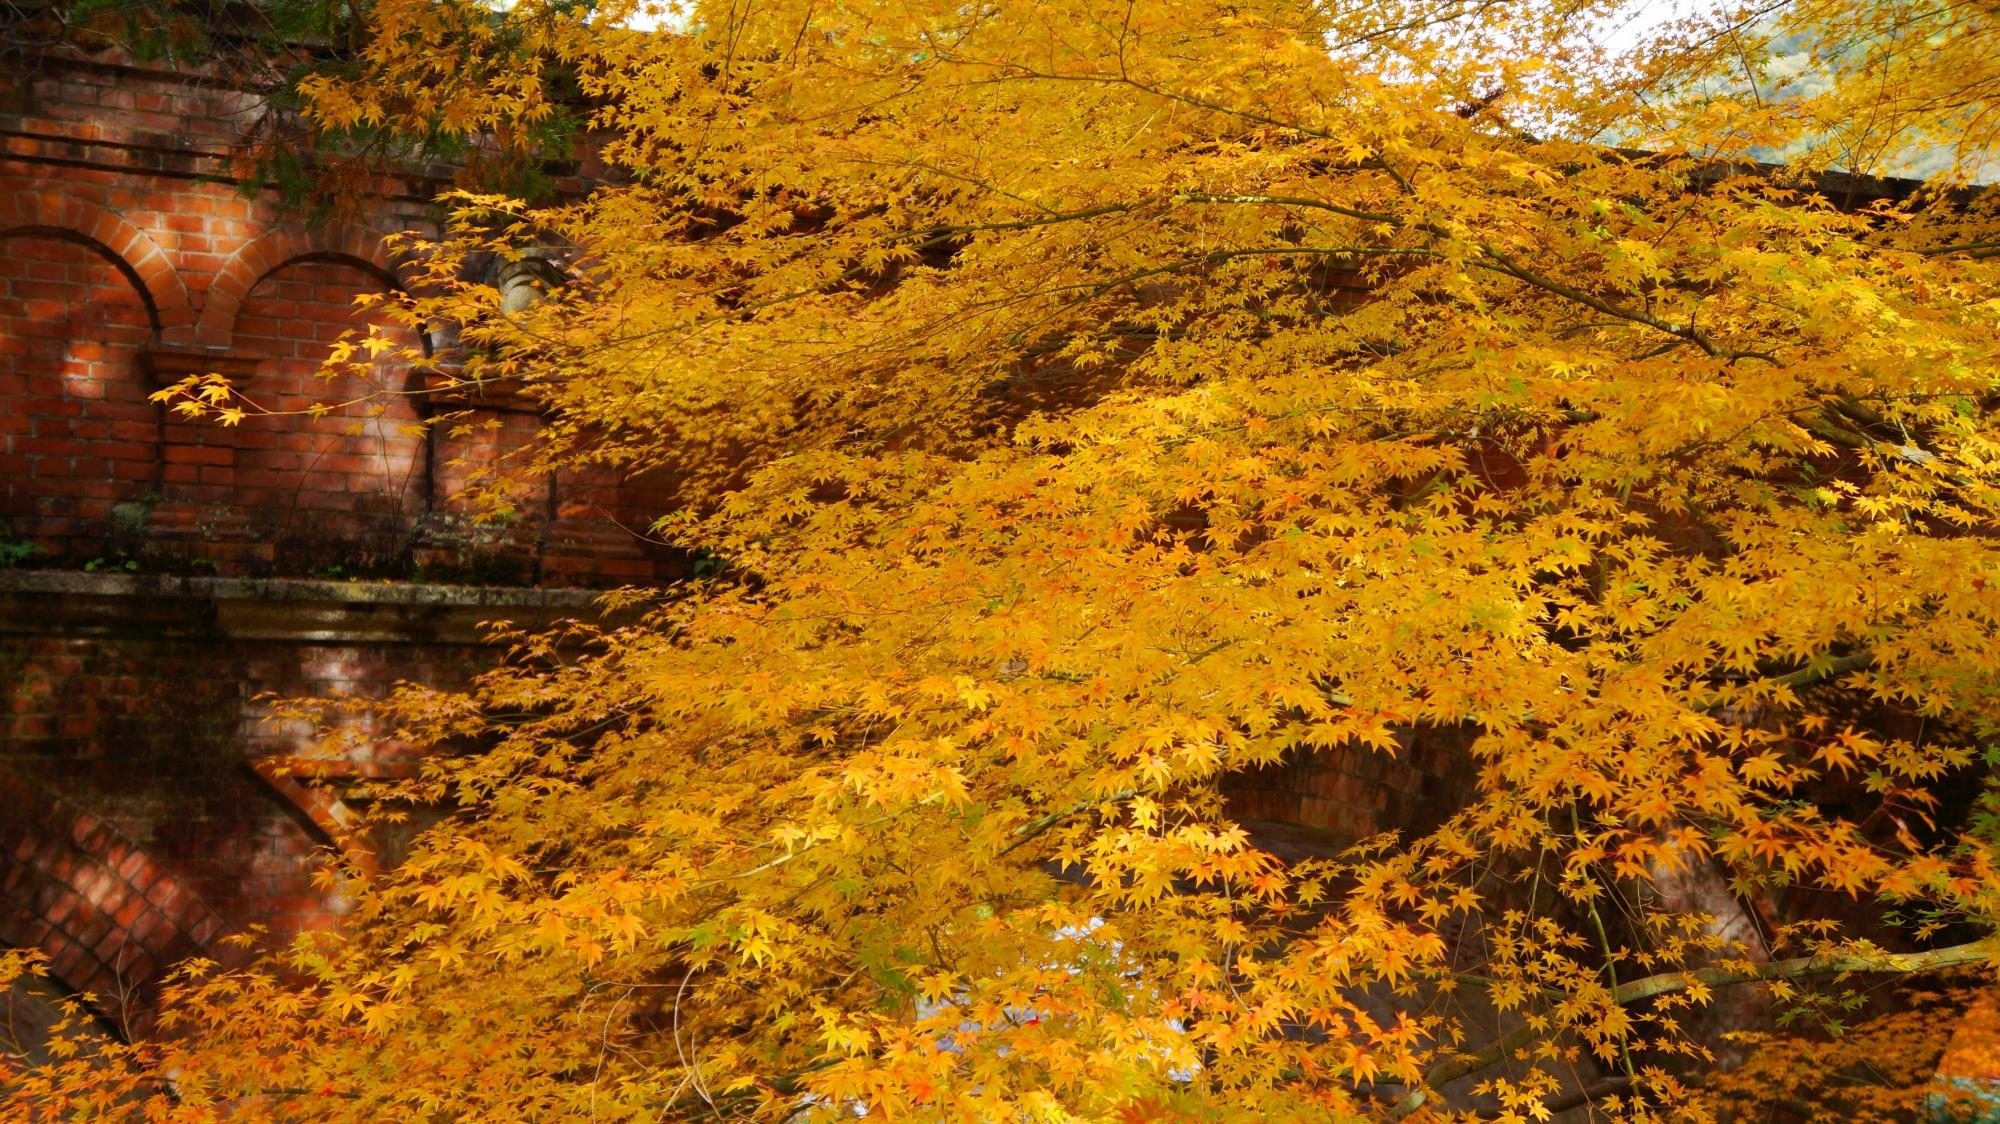 黄色い紅葉に染まるレトロな秋の水路閣